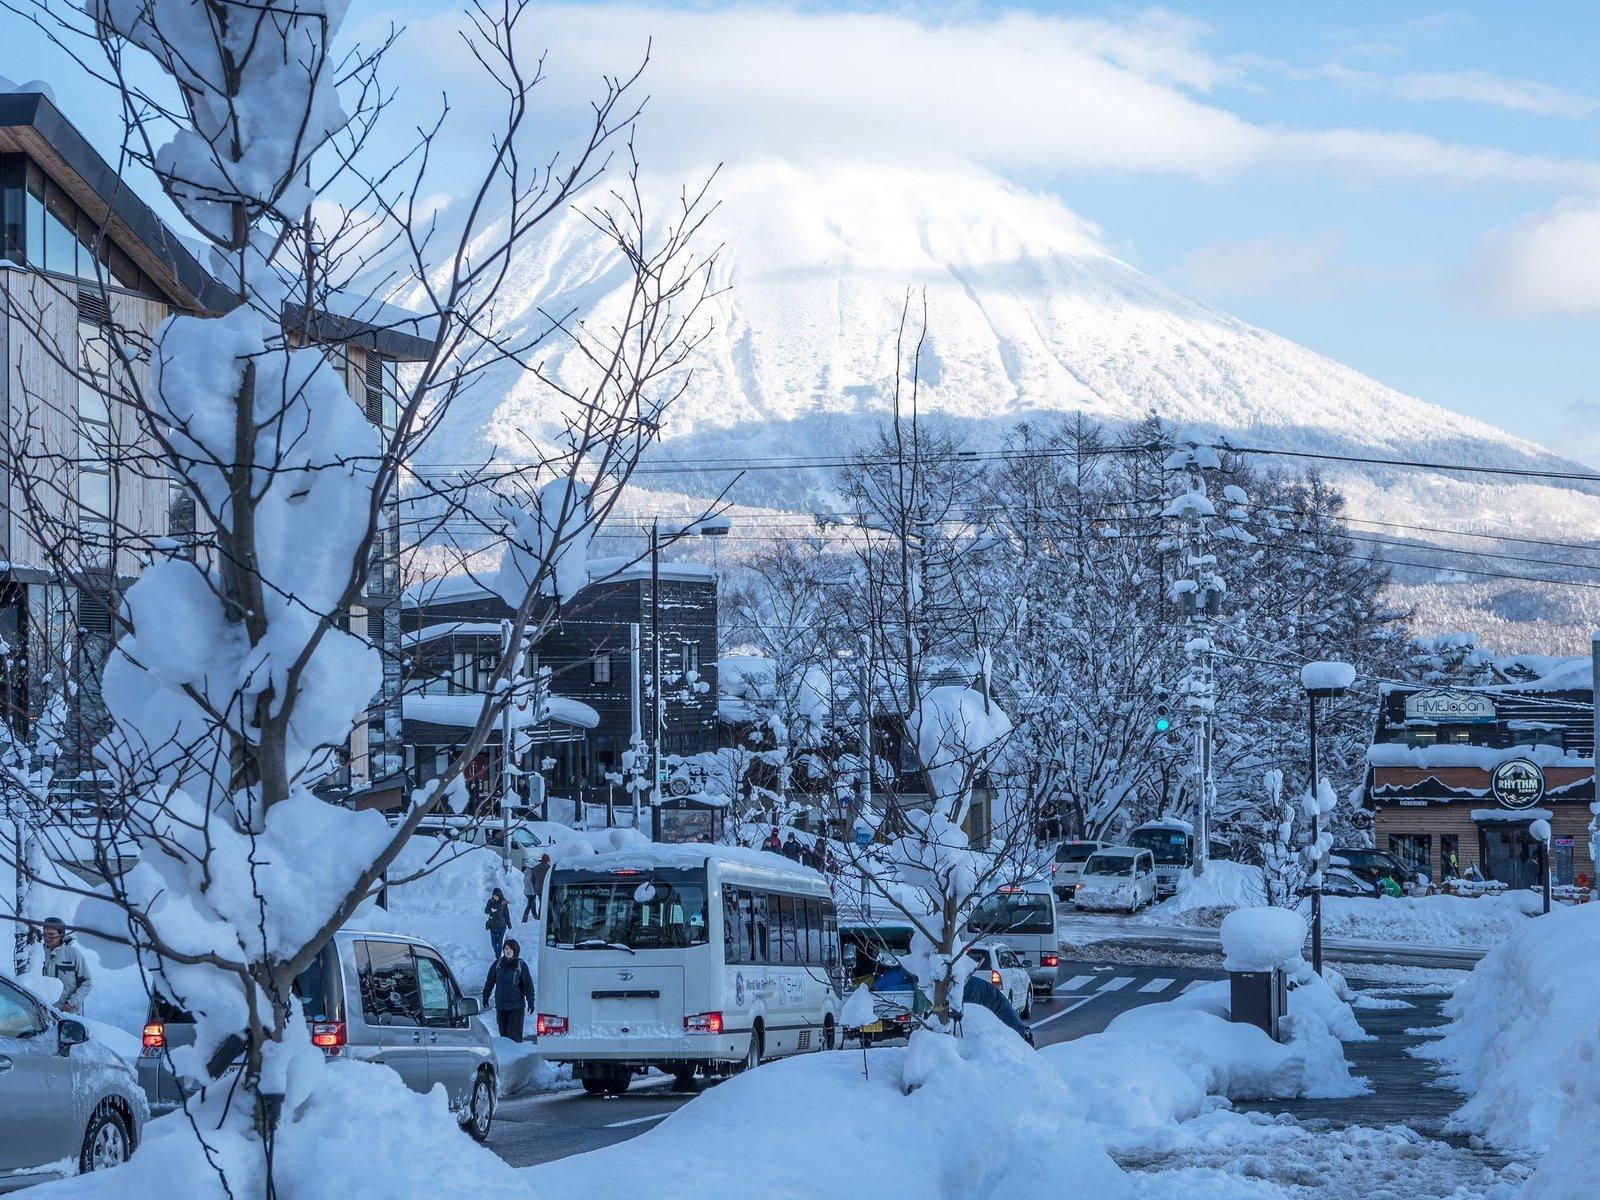 雪のヒラフ坂を下る自動車たち